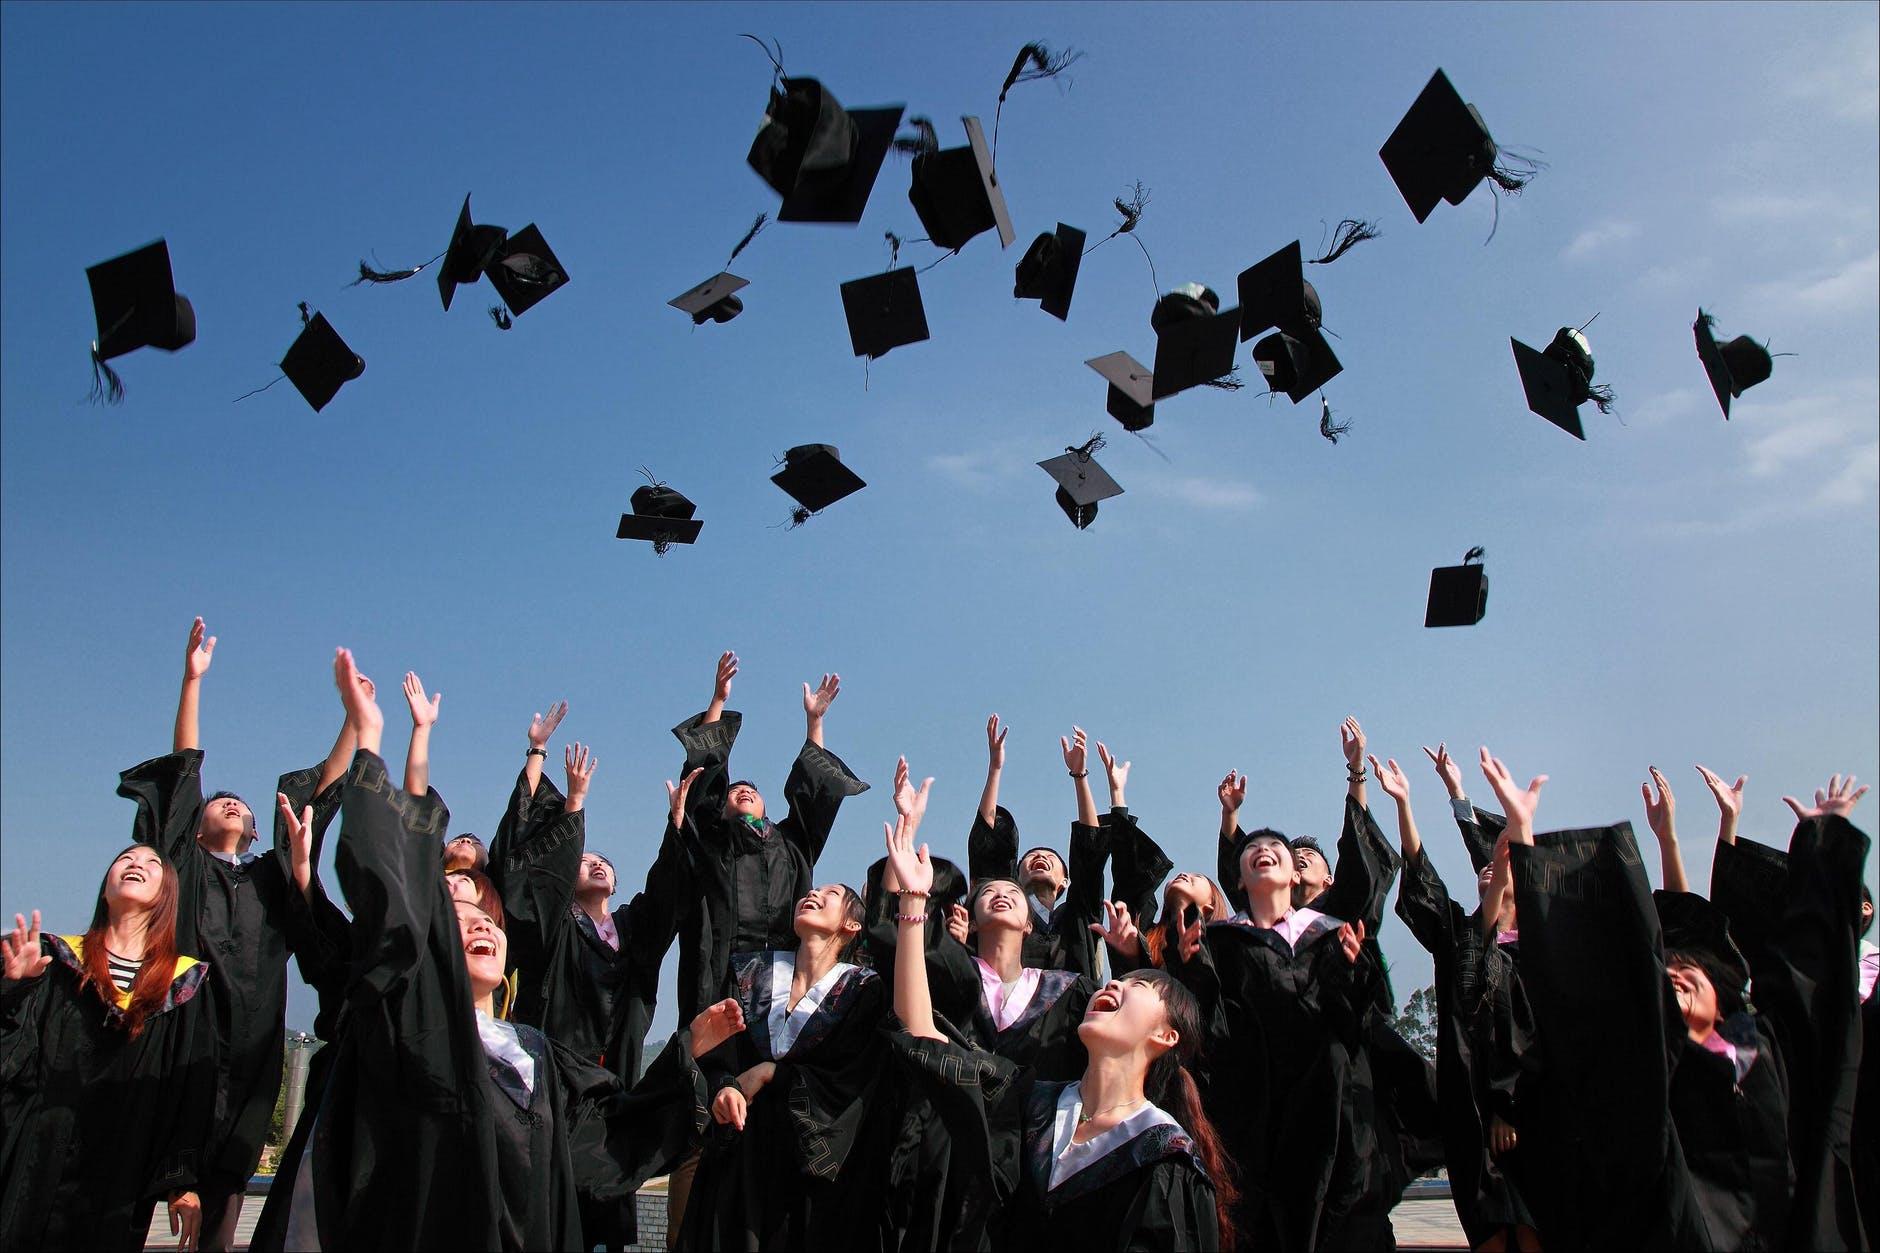 考生們如果重新回到今年3月會認真學習的科目依序為數學(33.5%), 英文(27.2%), 語文(25.2%), 社會或科學探究(14.1%)